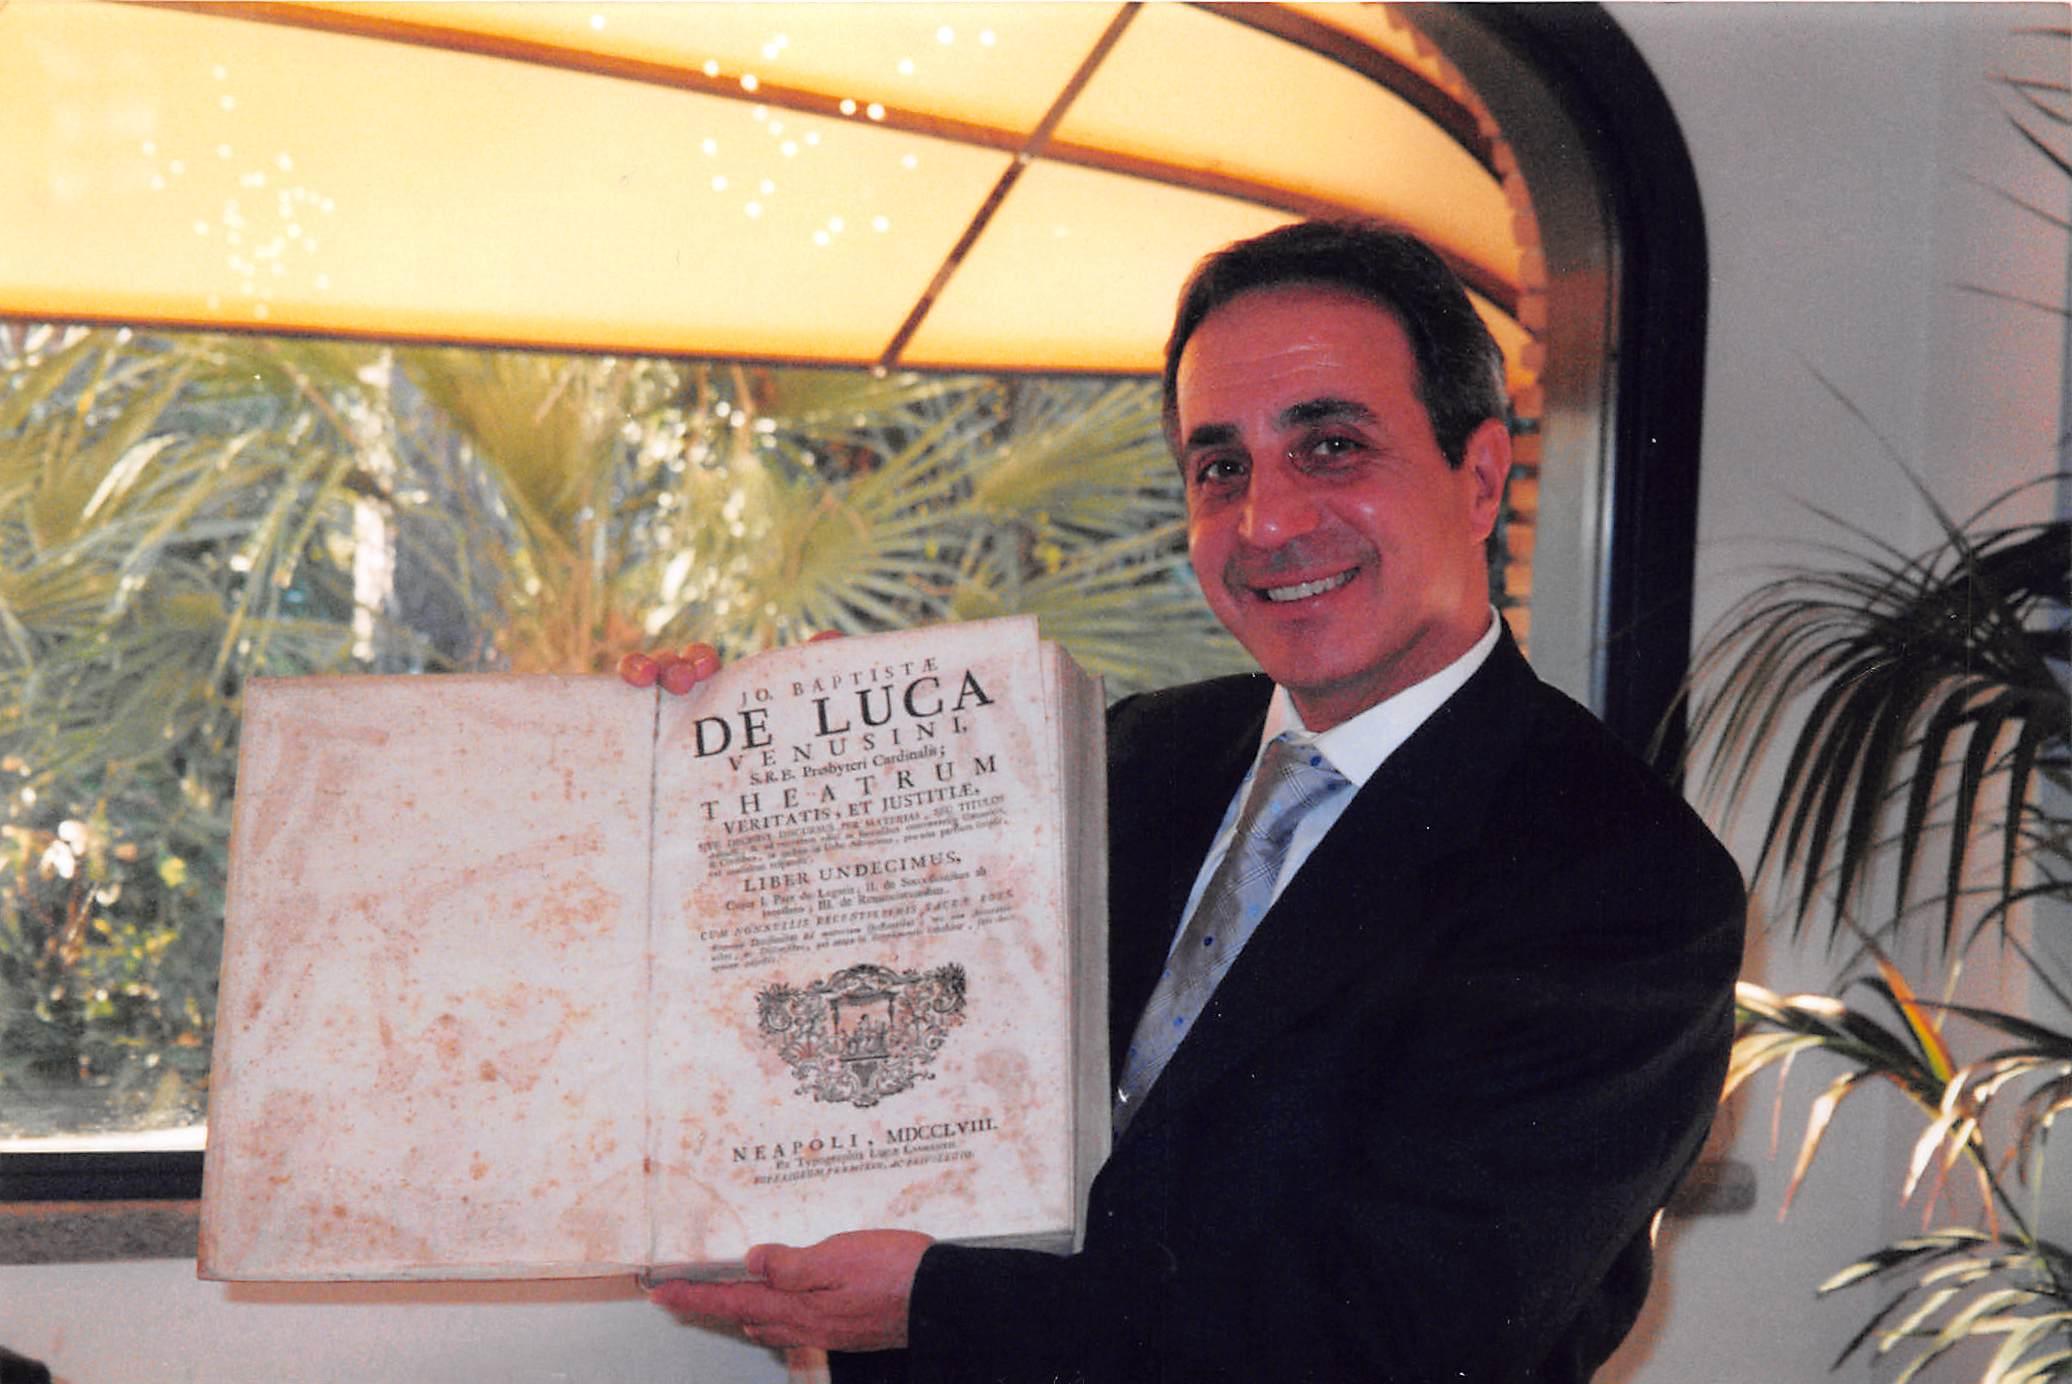 Antonio Carlo De Luca